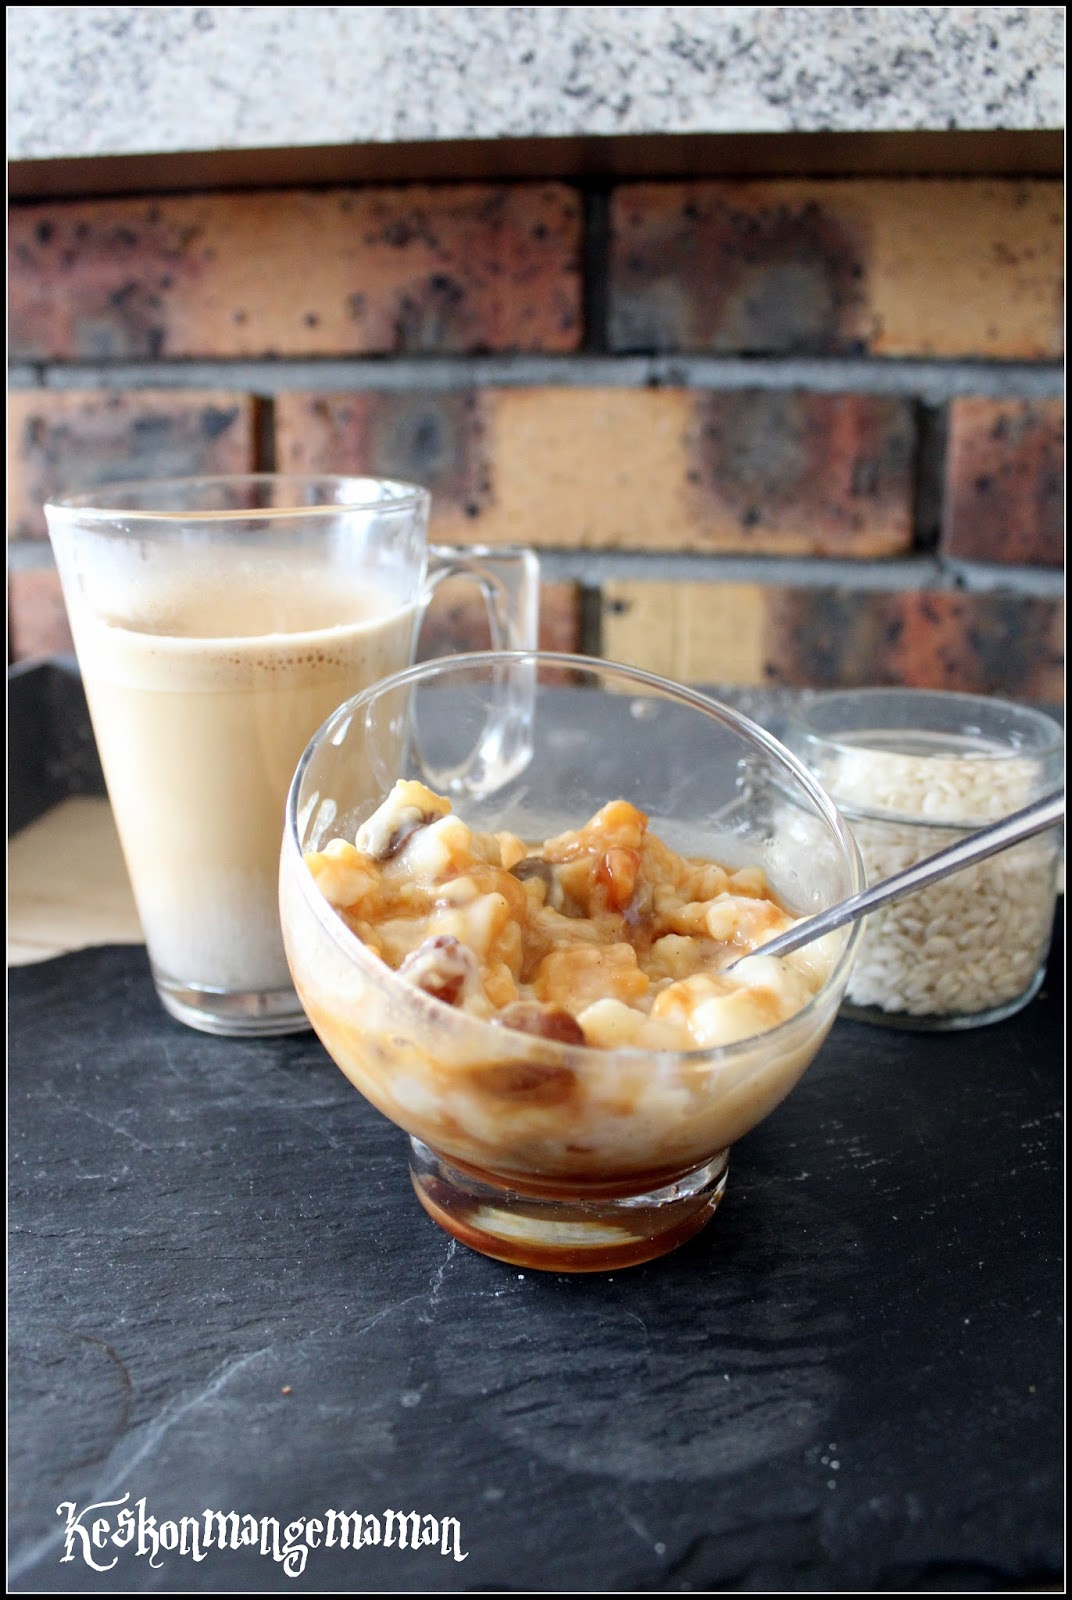 Keskonmangemaman escapade en cuisine avril verrines de riz au lait rhum raisin au caramel - Combien de gramme de riz par personne ...